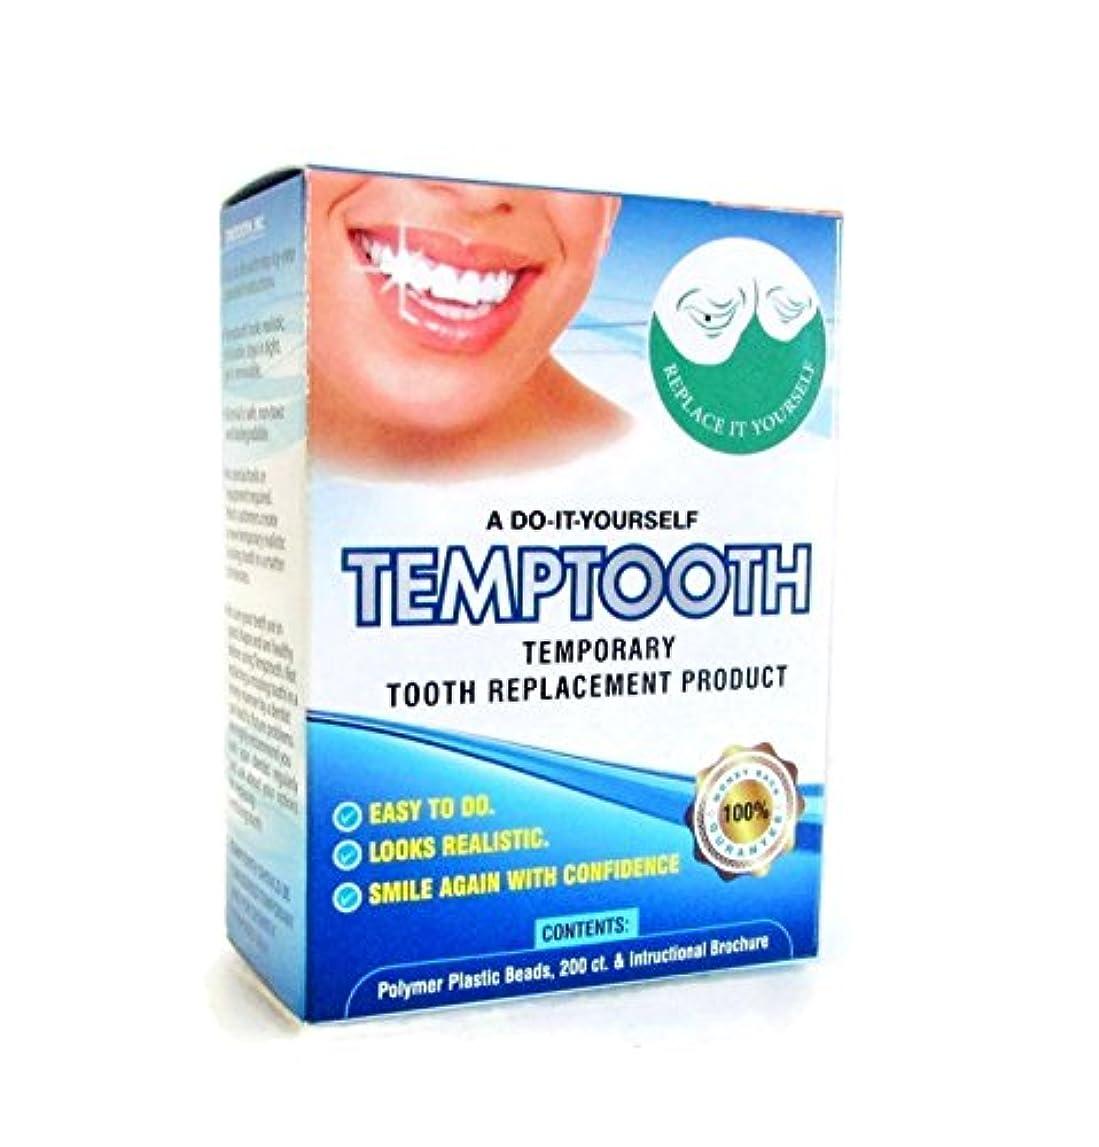 十分色合い泥自分で作るテンポラリー義歯/Temptooth Do It Yourself Tooth Replacement Product